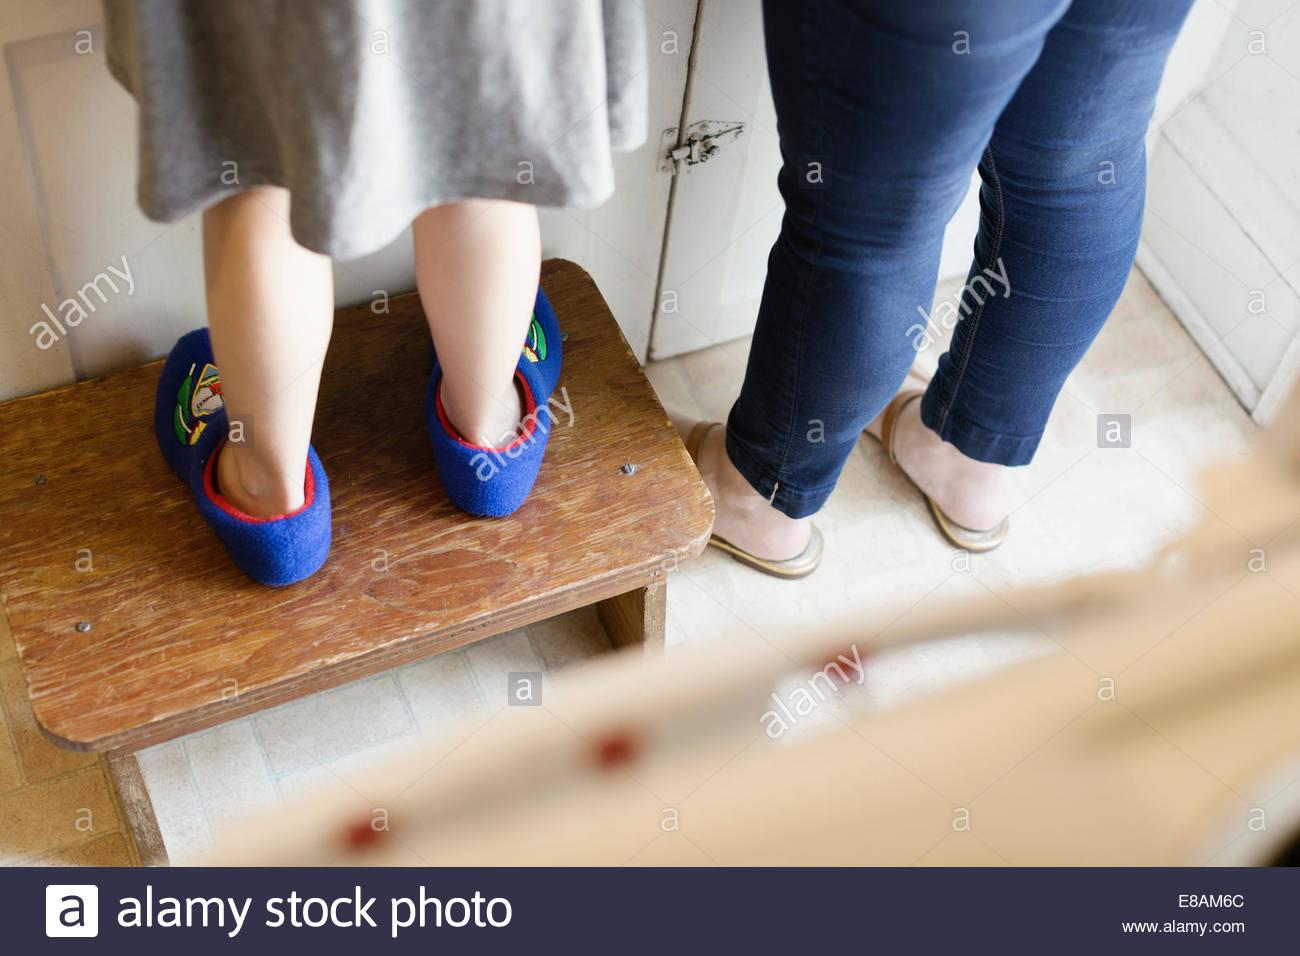 Las piernas de mediados adulto madre junto a su hija de pie en las heces en la cocina Imagen De Stock